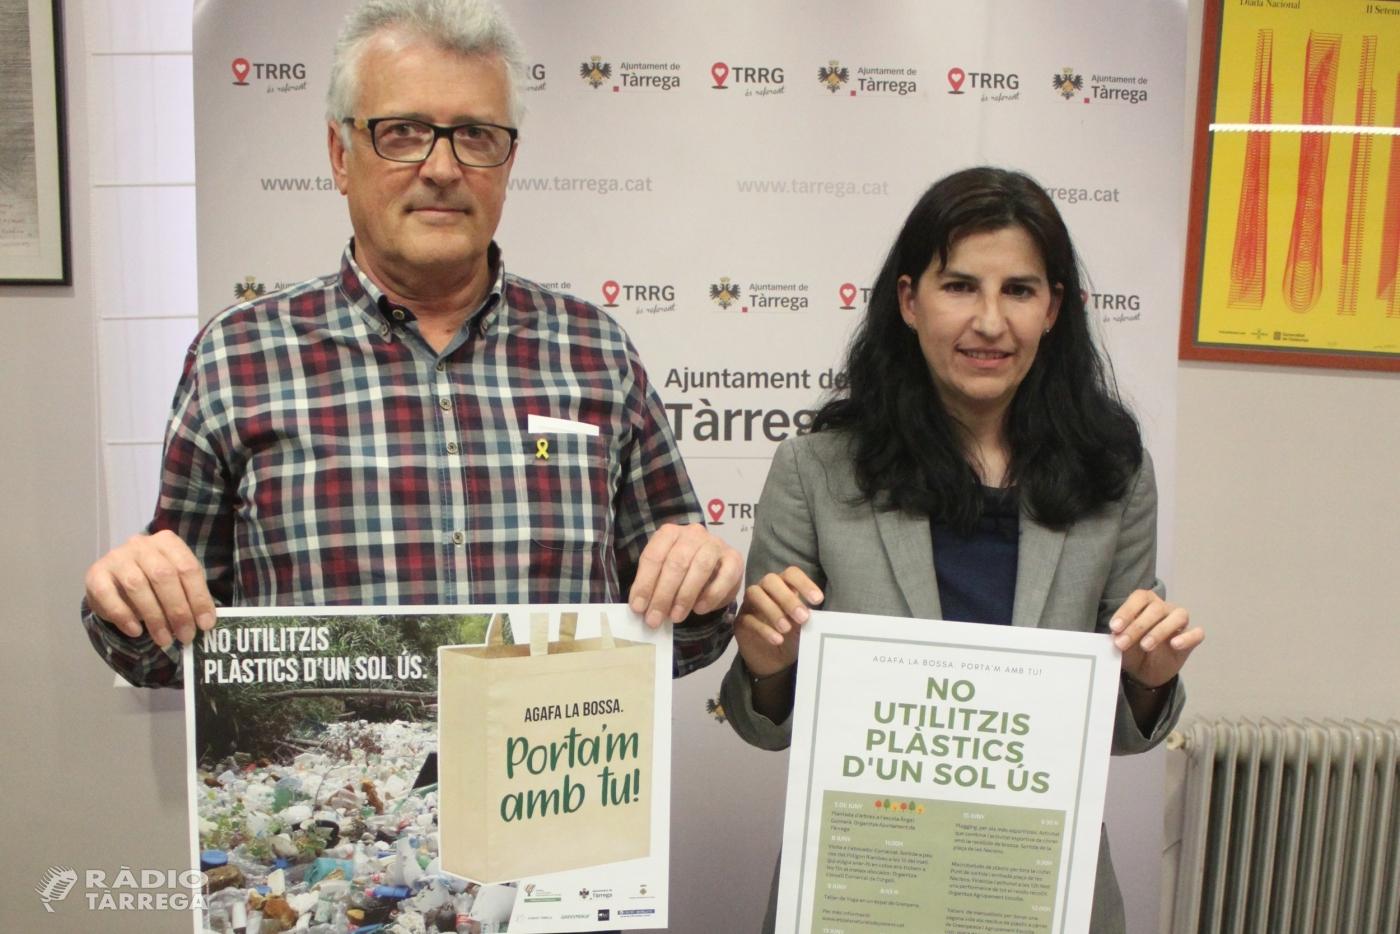 Tàrrega promou una campanya ecològica per reduir la presència de plàstics d'un sol ús en l'entorn